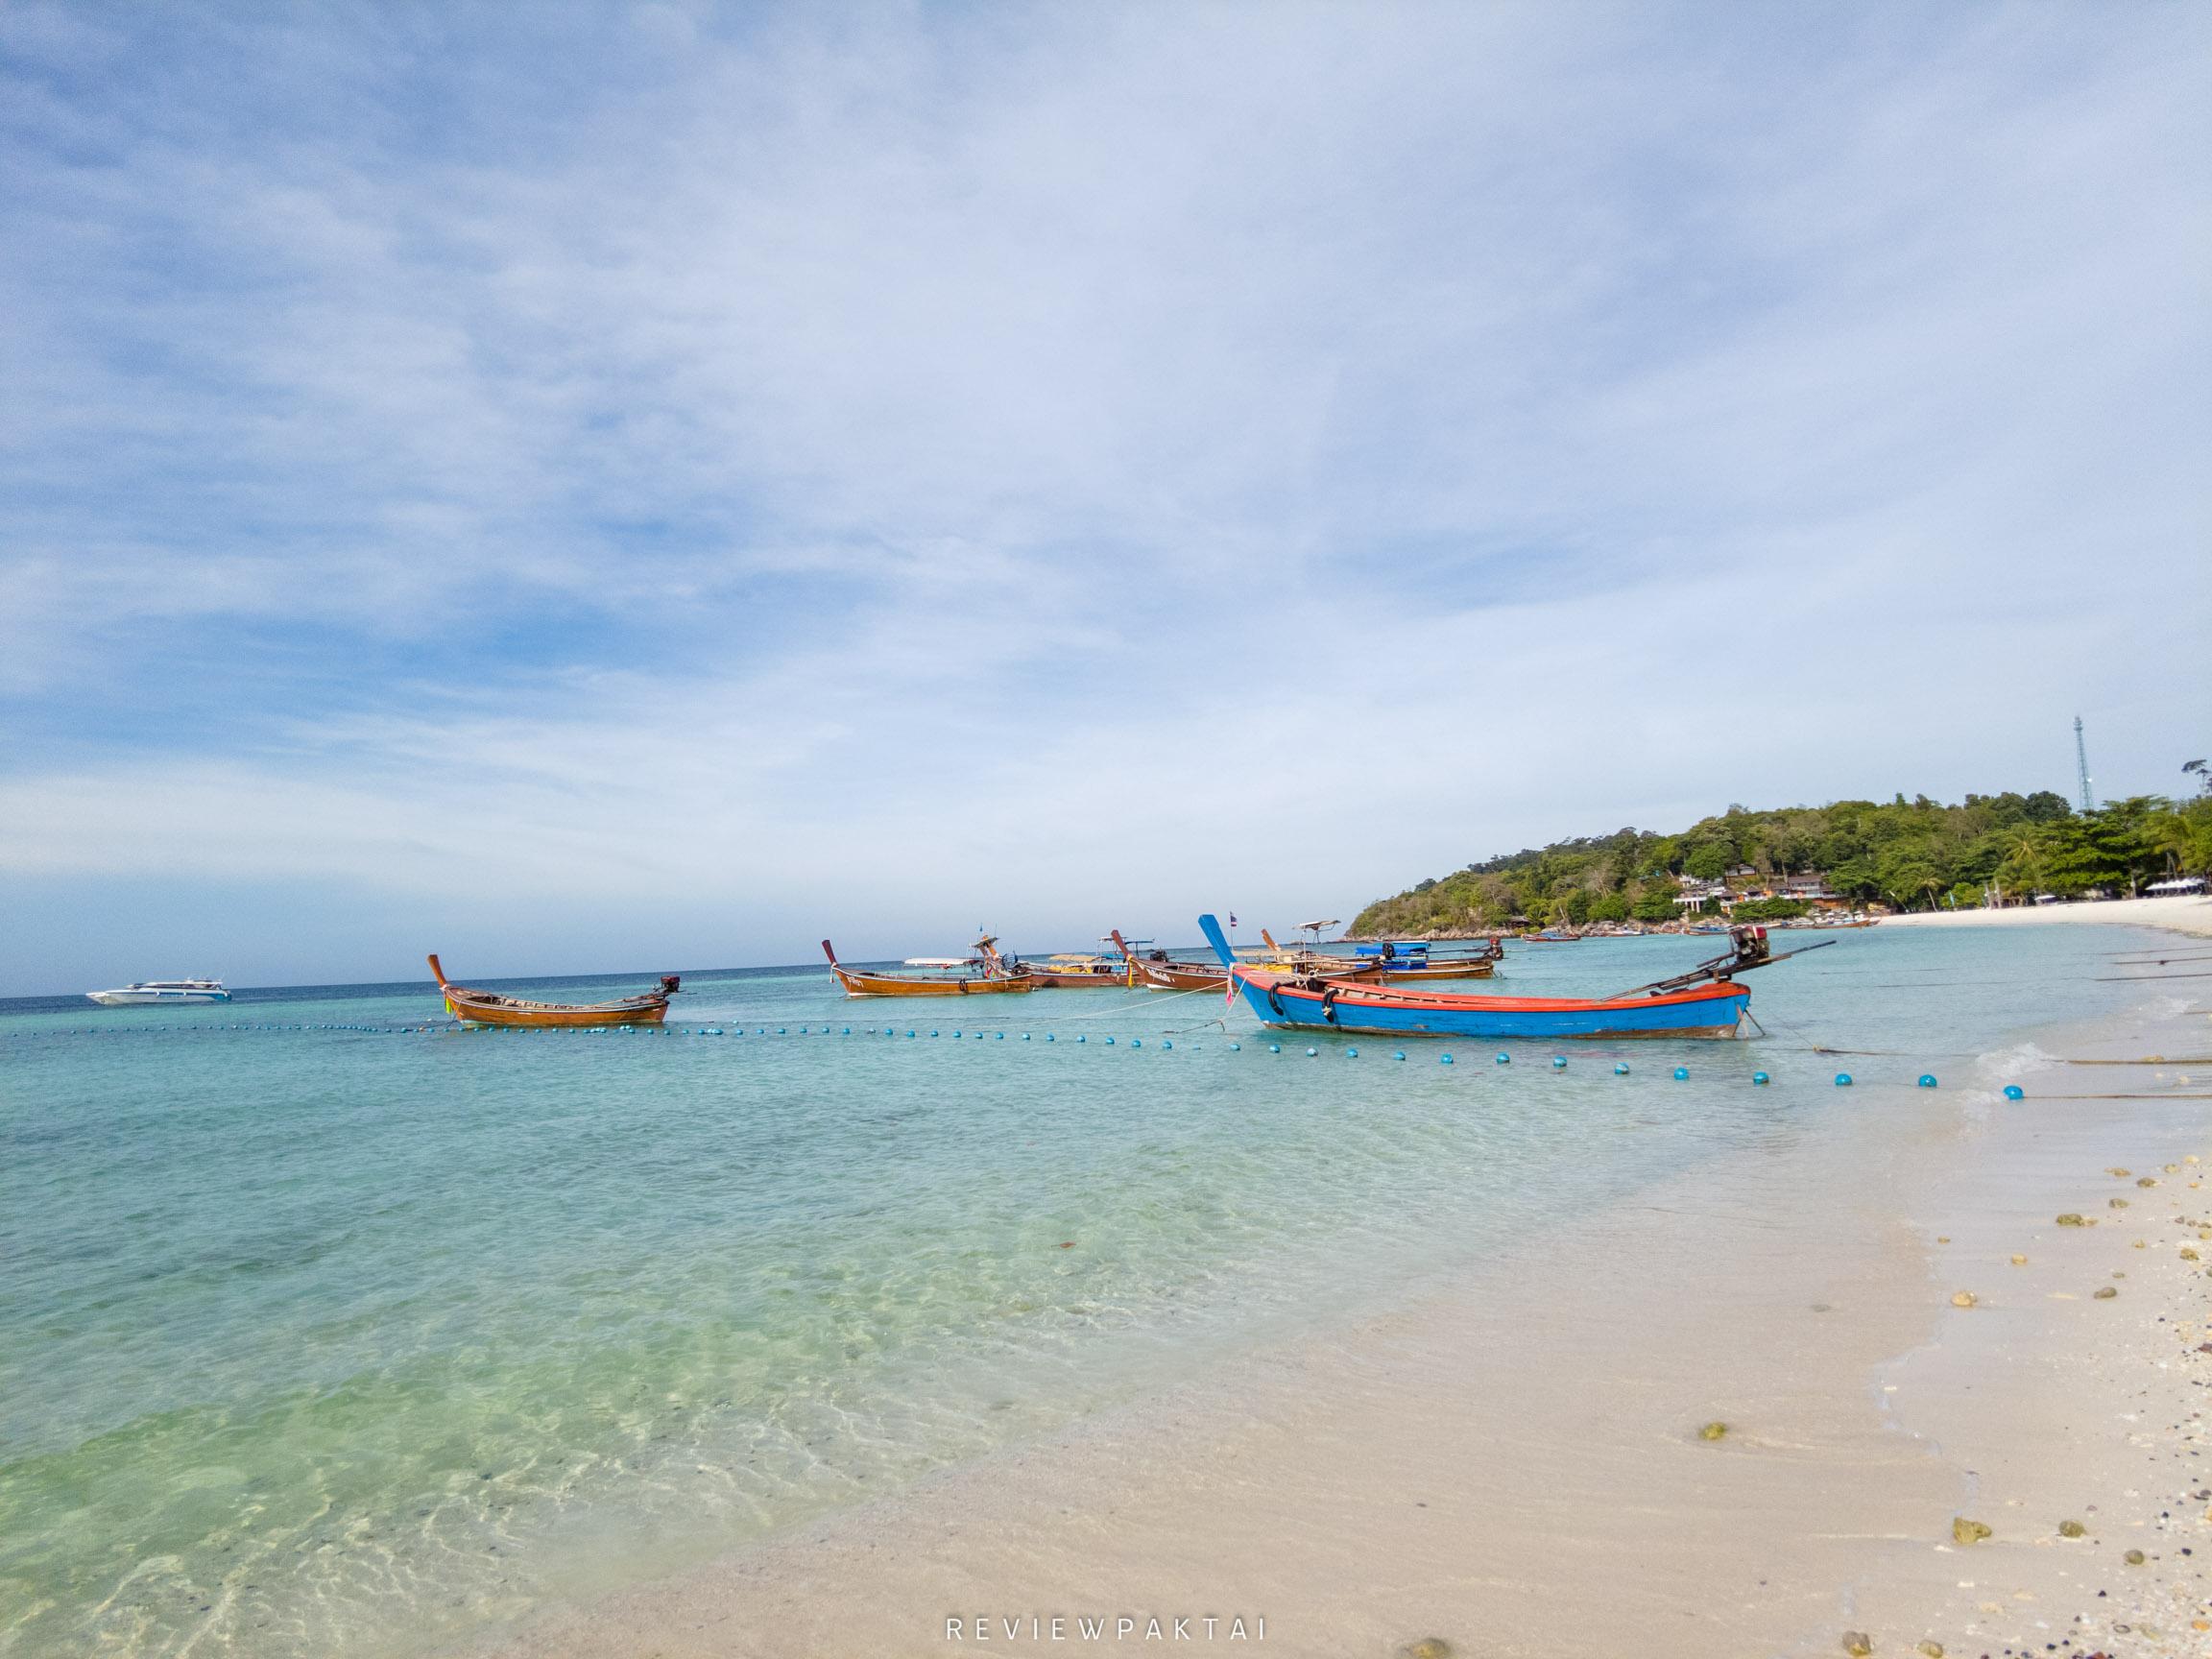 วิวจากที่พักจะมีน้ำใส-หาดทรายสวยๆ-เรือจอดอยู่เยอะมากมายย ที่พักหลีเป๊ะ,ที่พักสตูล,ที่พักติดทะเล,เกาะหลีเป๊ะ,ananya,resort,lipe